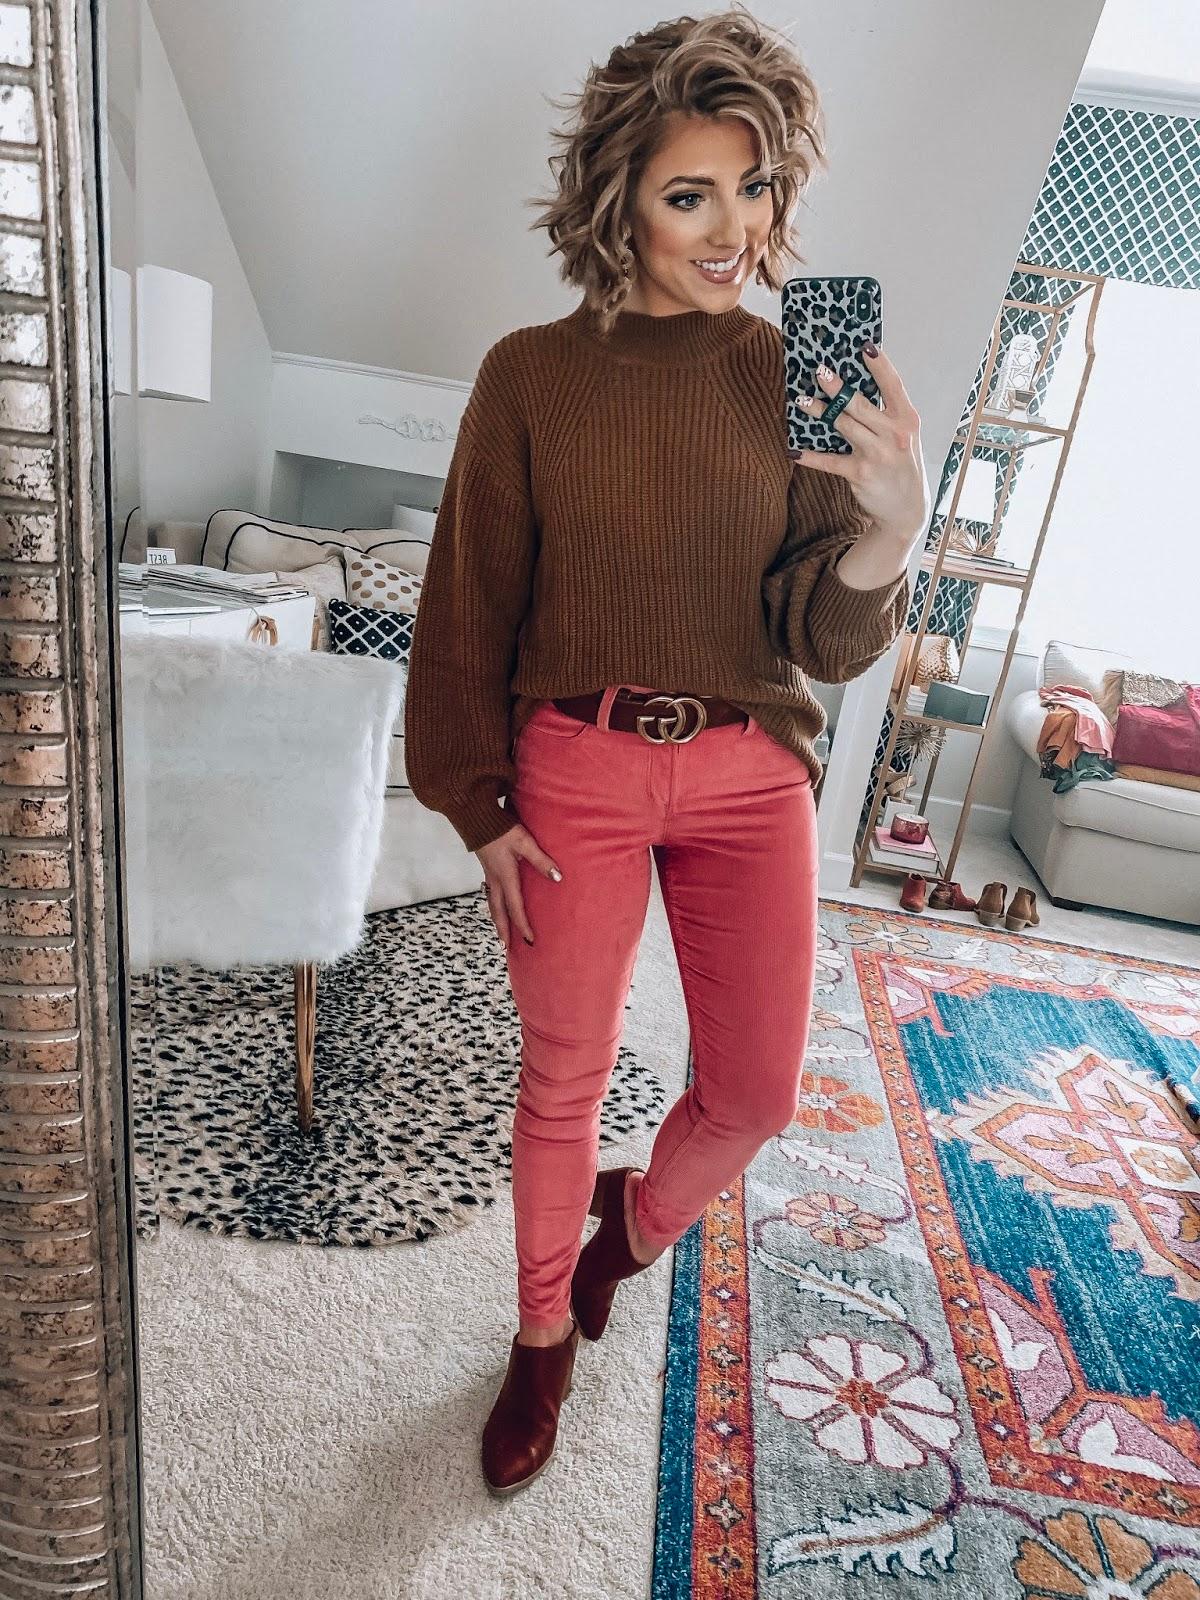 Old Navy High Waist Rockstar Cord Skinnies + Mock Neck Sweater - Somethig Delightful Blog #affordablefashion